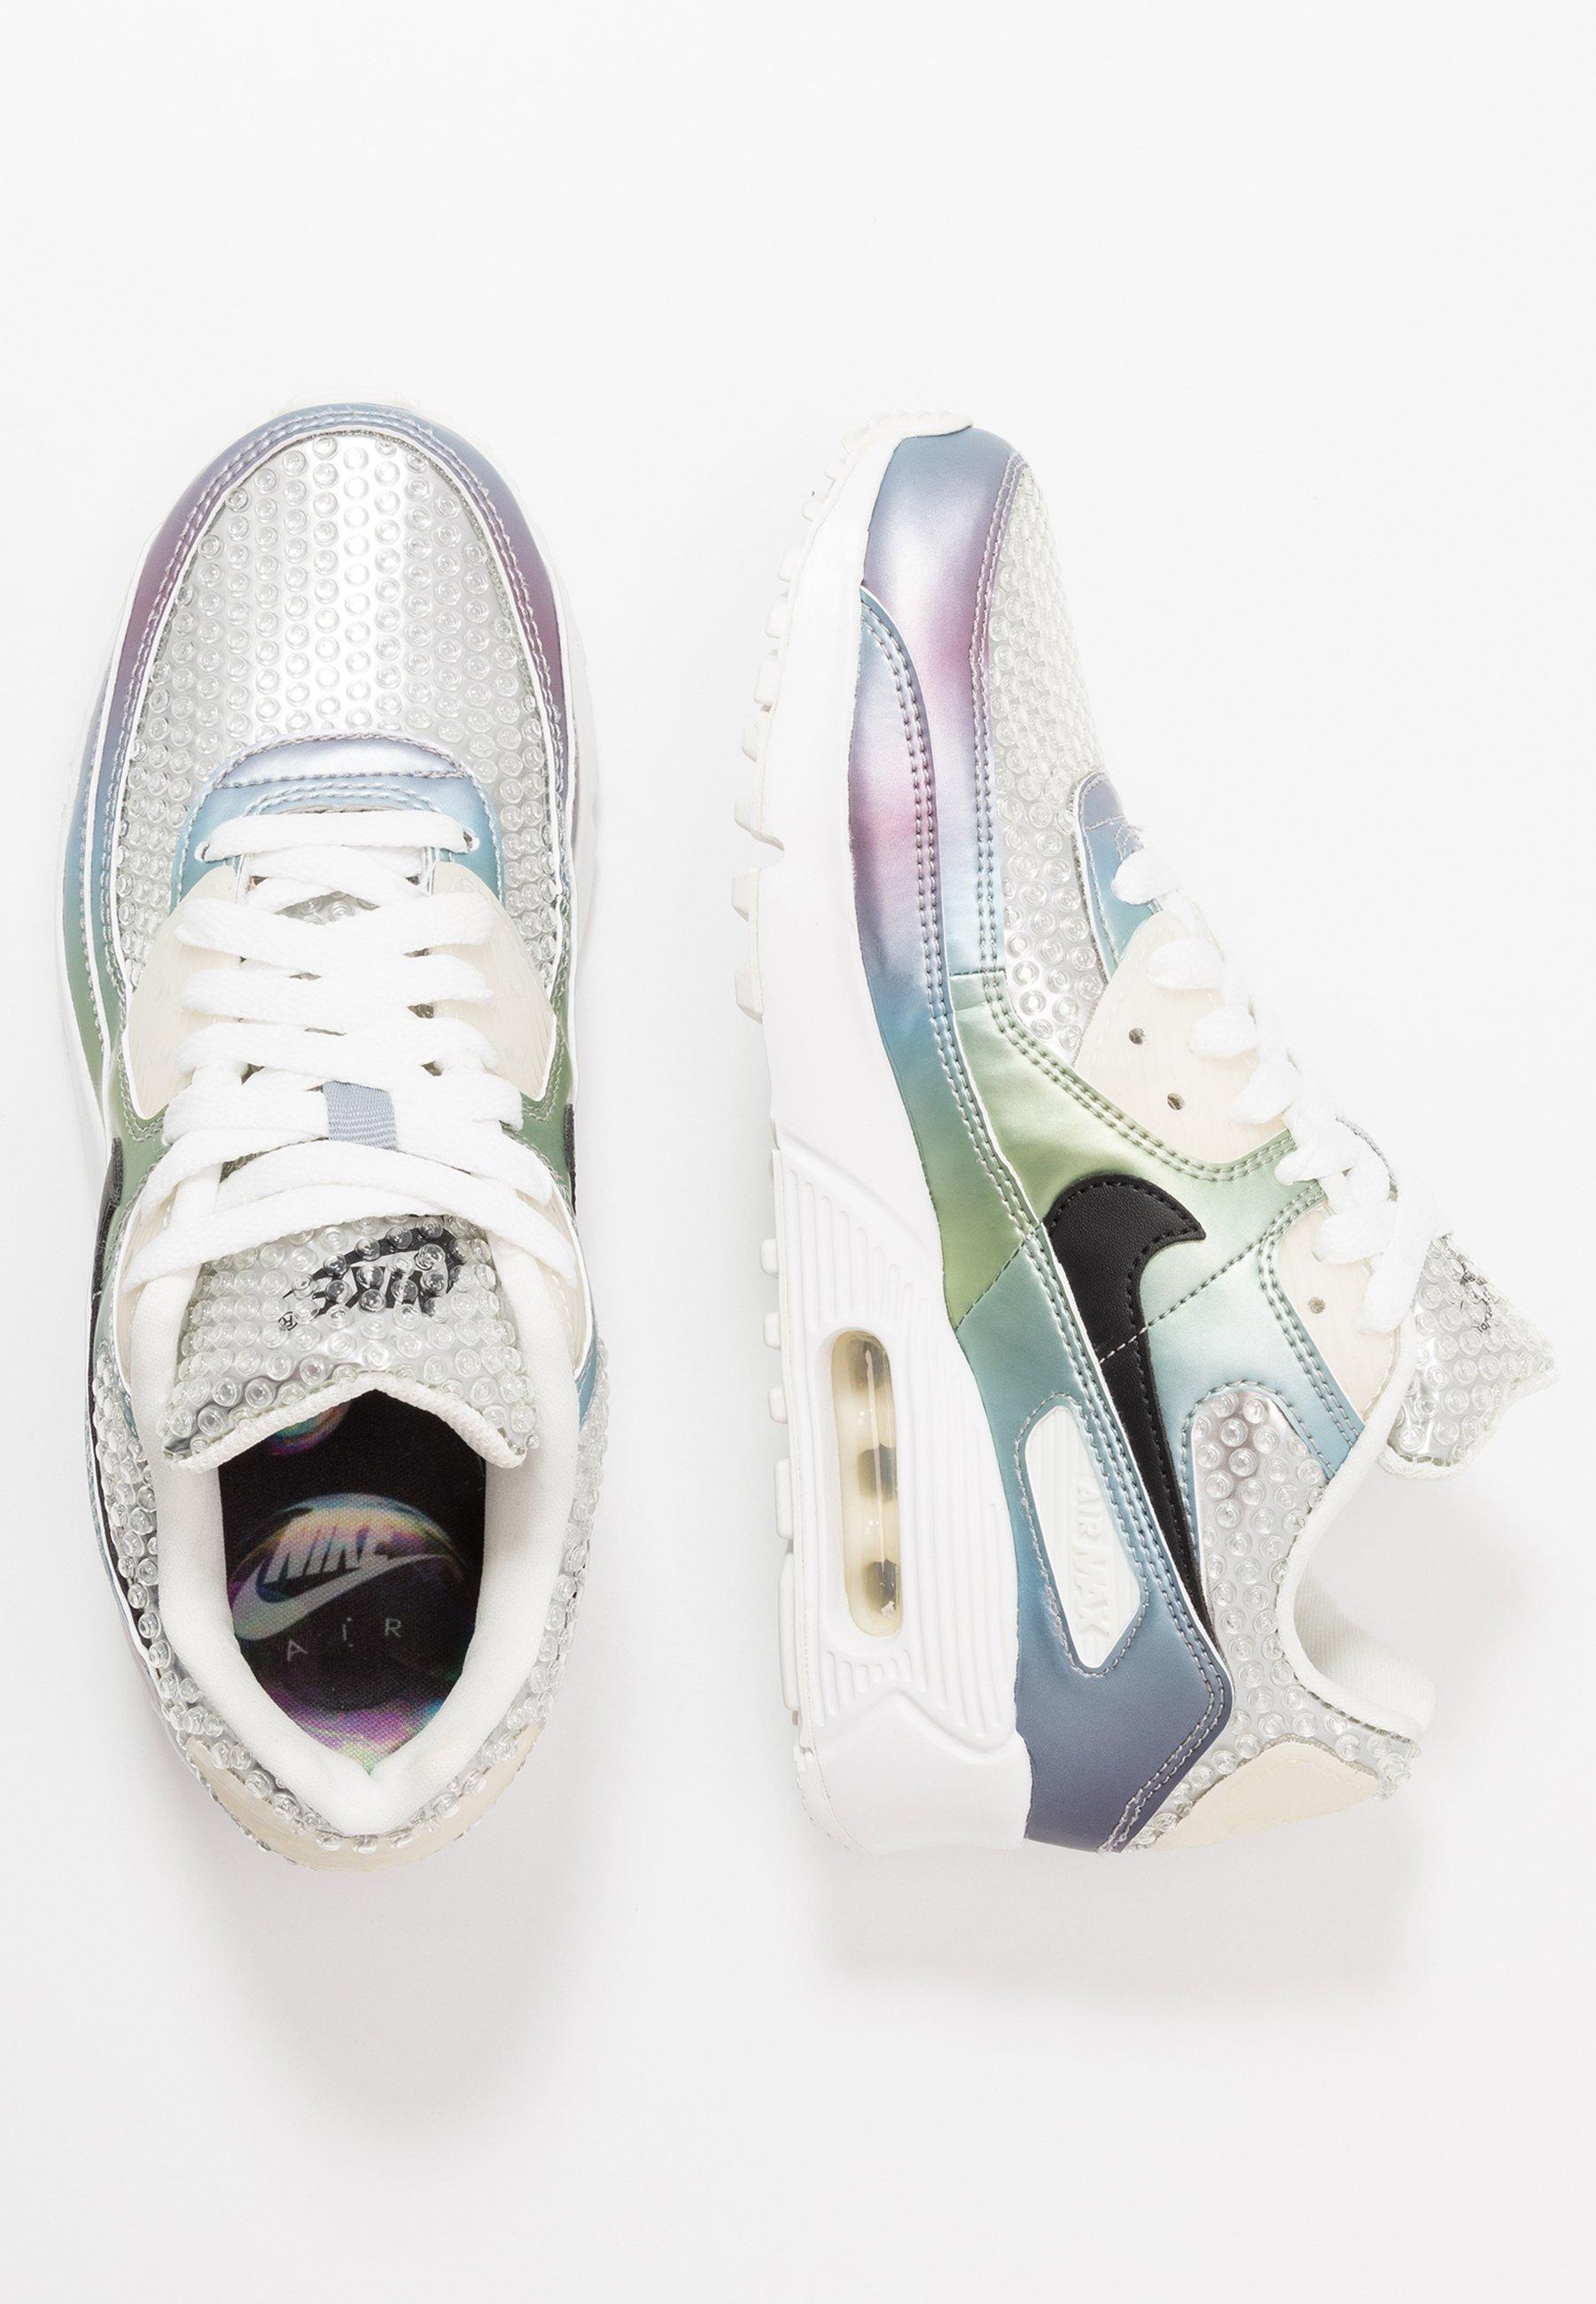 Hvite Nike Sneakers | Barnesko | Kjøp nye barnesko på nett